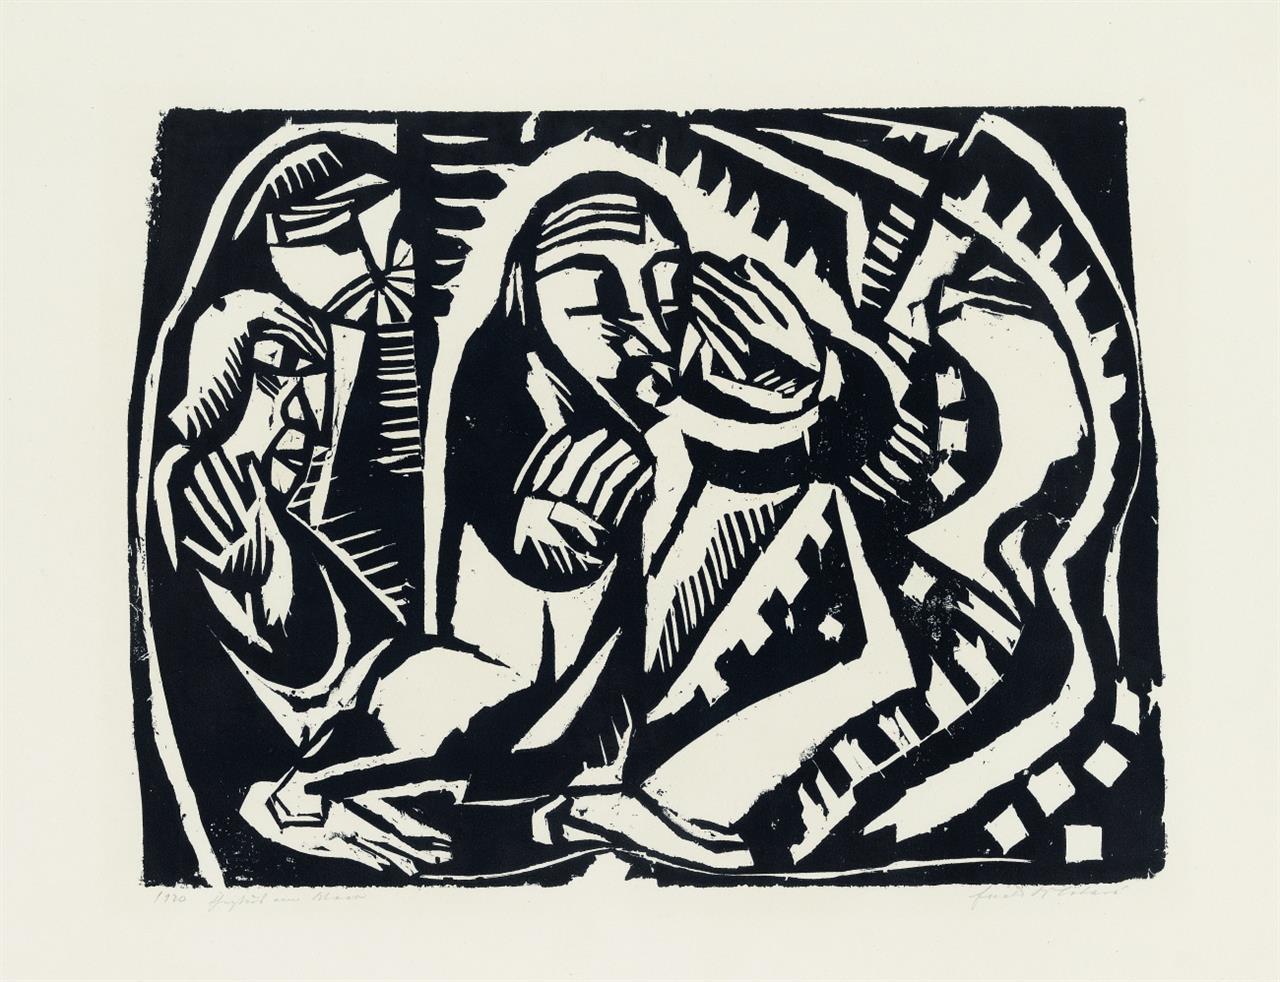 Ewald Mataré. Christus am Meer. 1920. Holzschnitt. Signiert. M/dW 60.